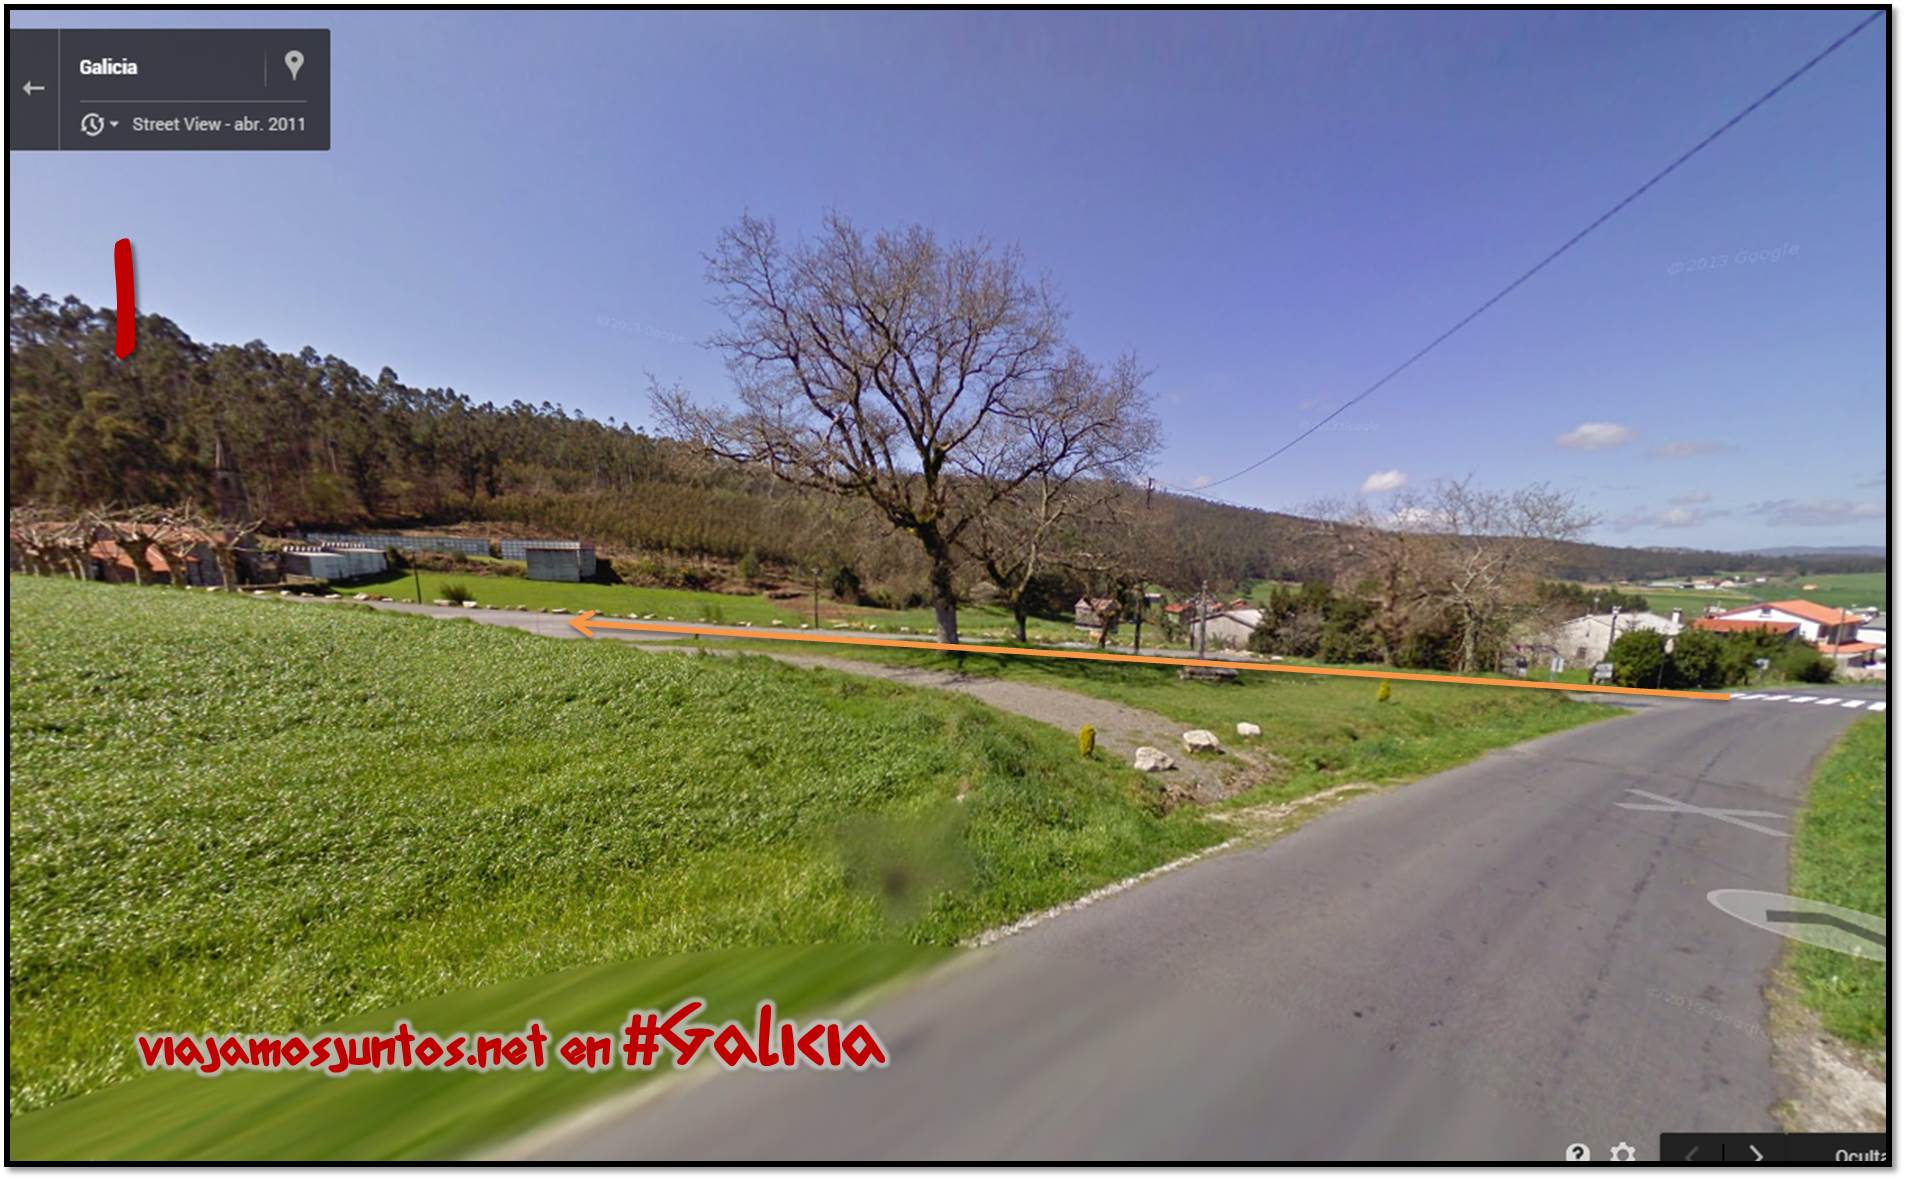 Dolmen de Pedra Cuberta; Ruta de los dólmenes de Vimianzo; Dumbría, Costa da Morte, Galicia